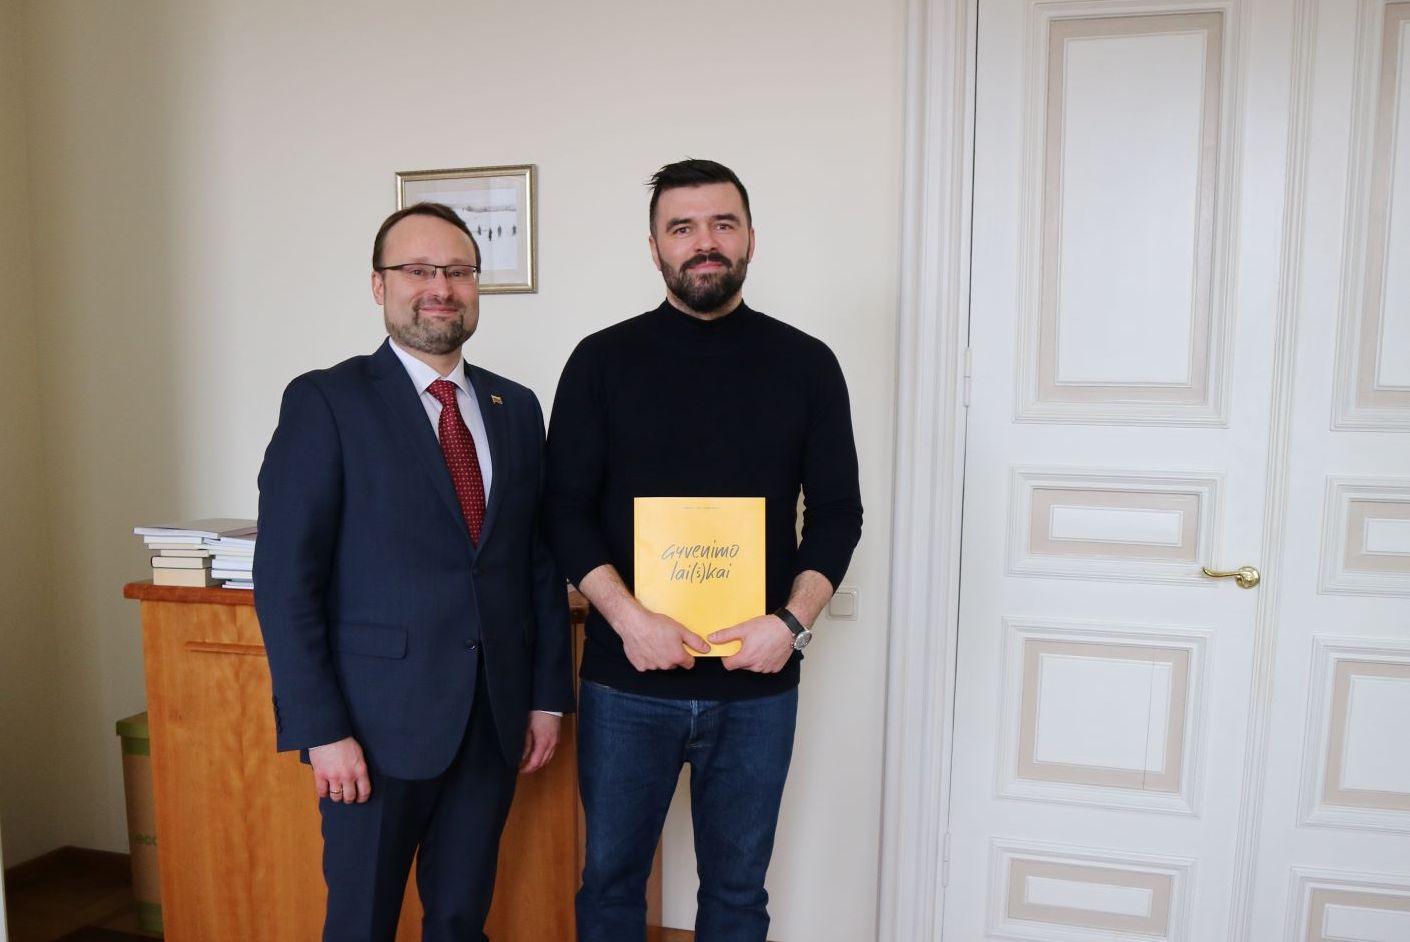 Kultūros ministras įteikė apdovanojimą Baltijos knygos meno konkurso laureatui